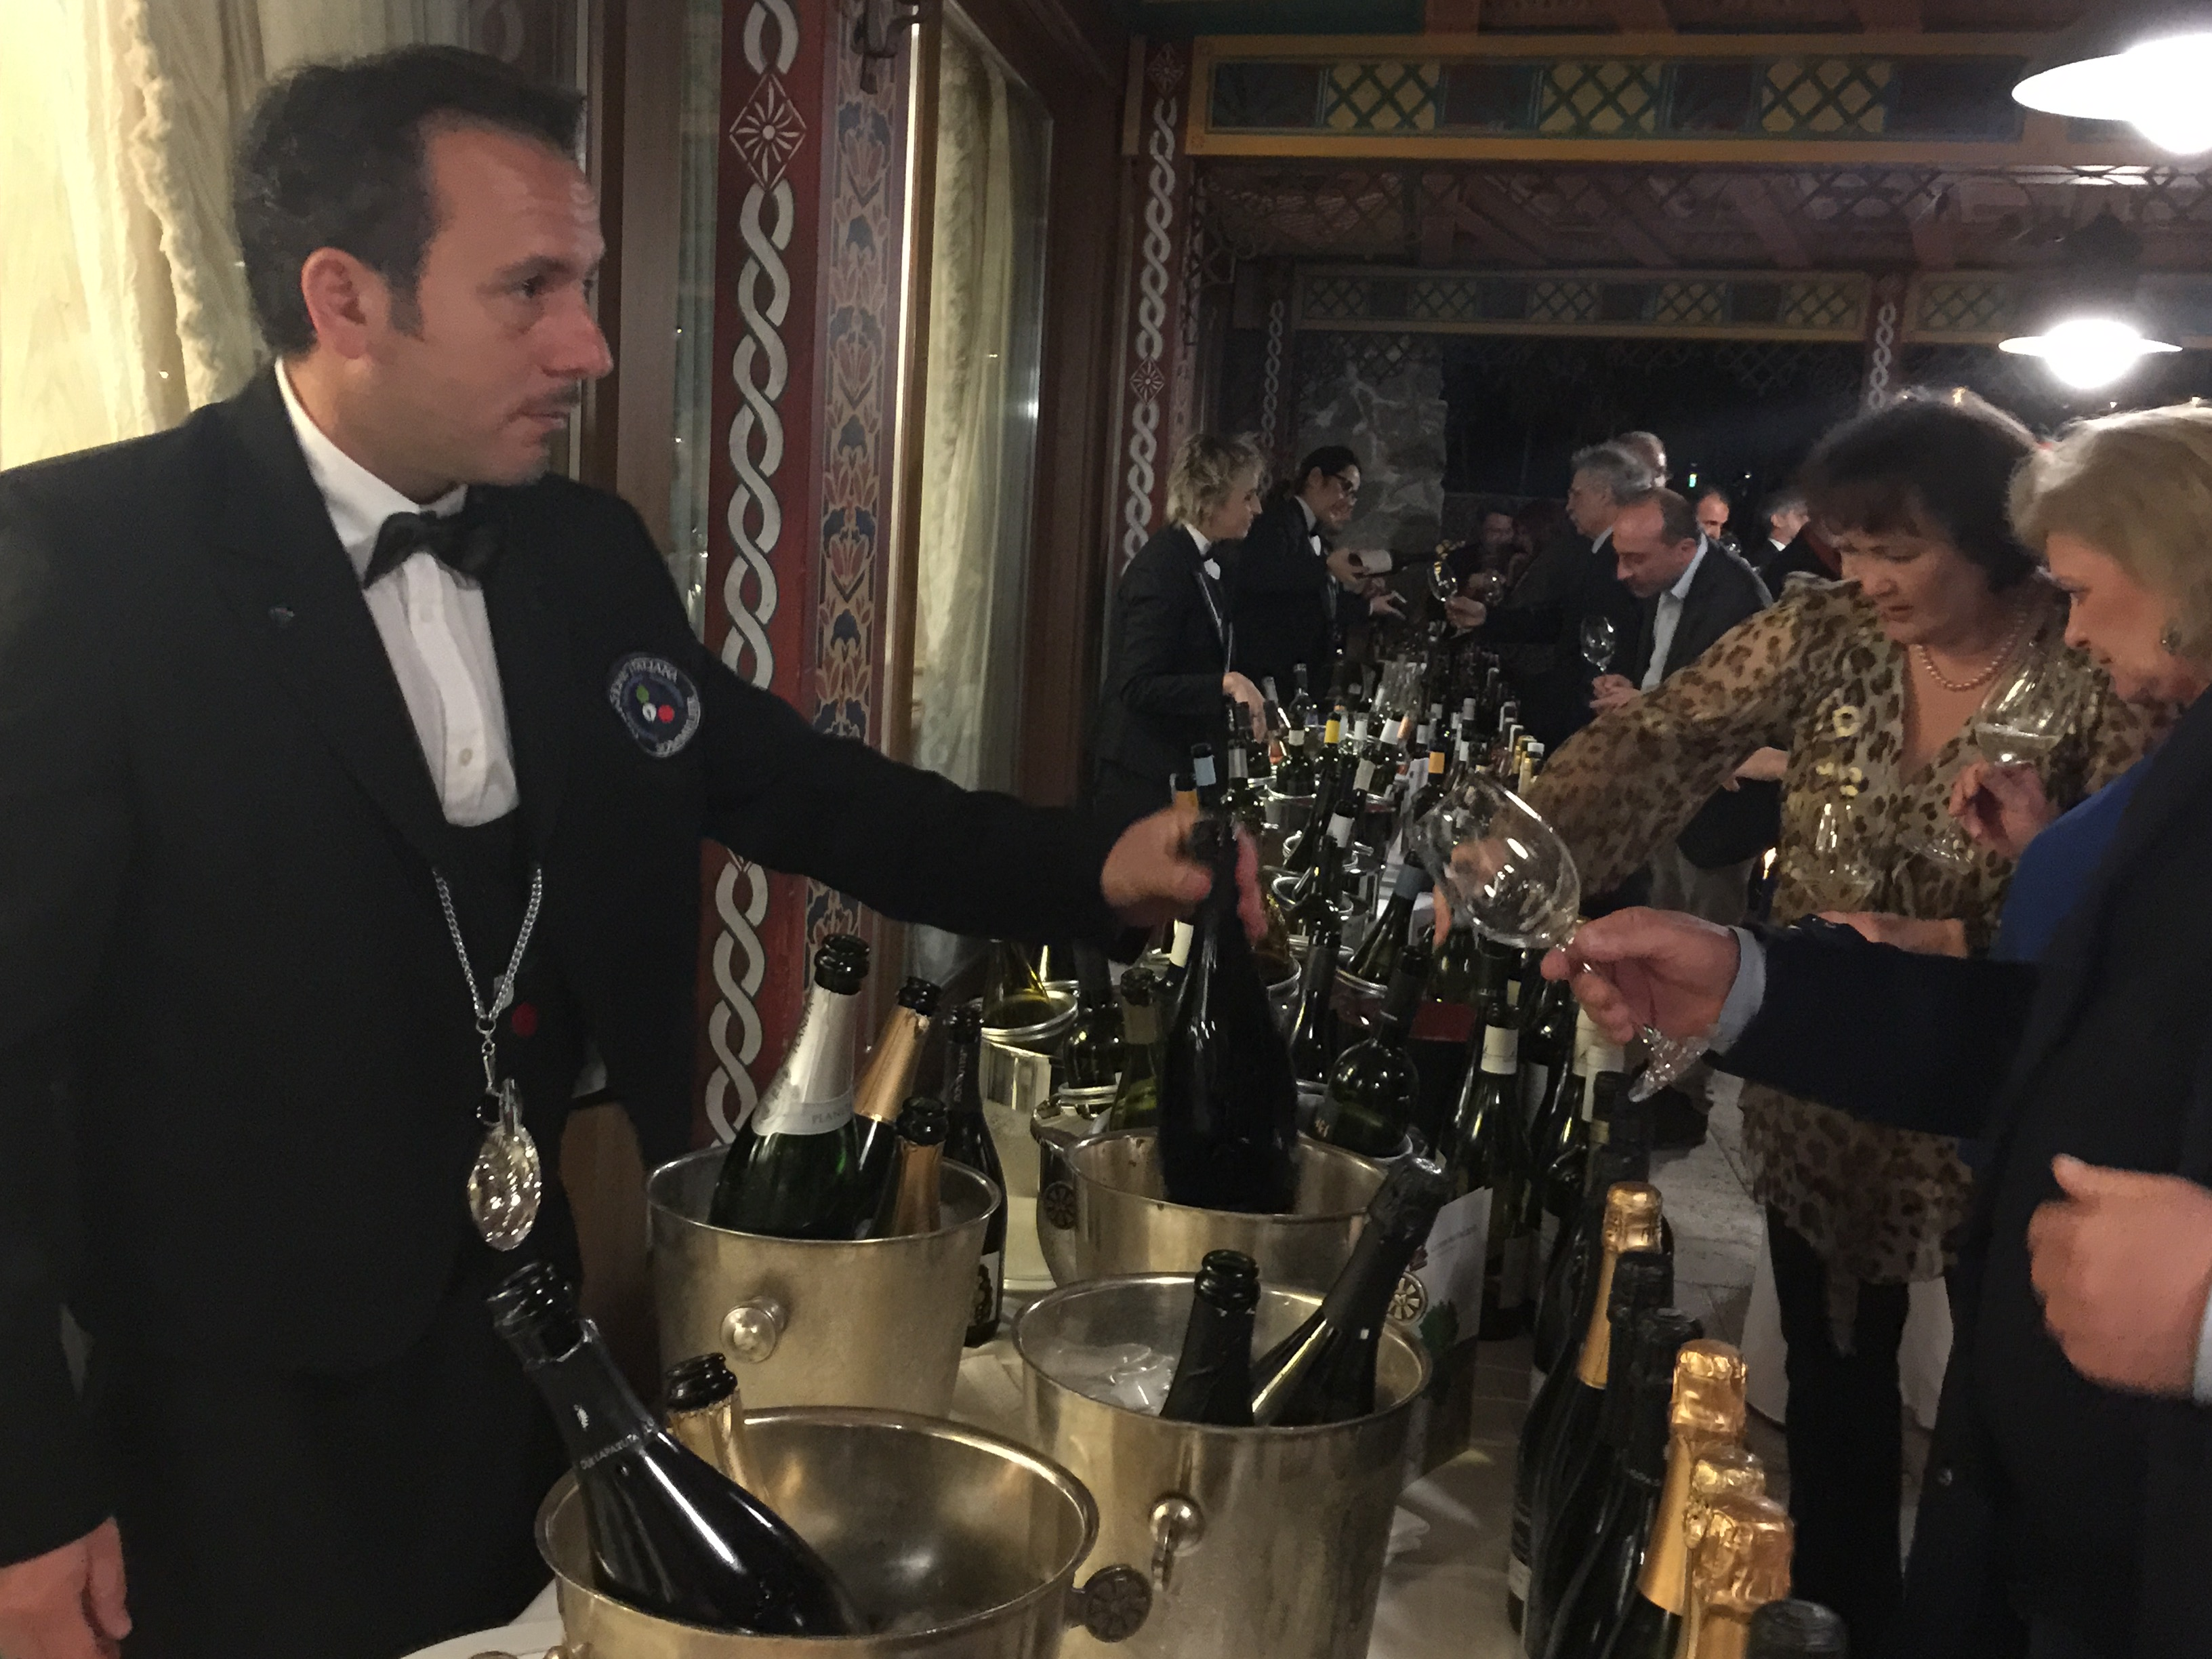 pernet et pernet champagne